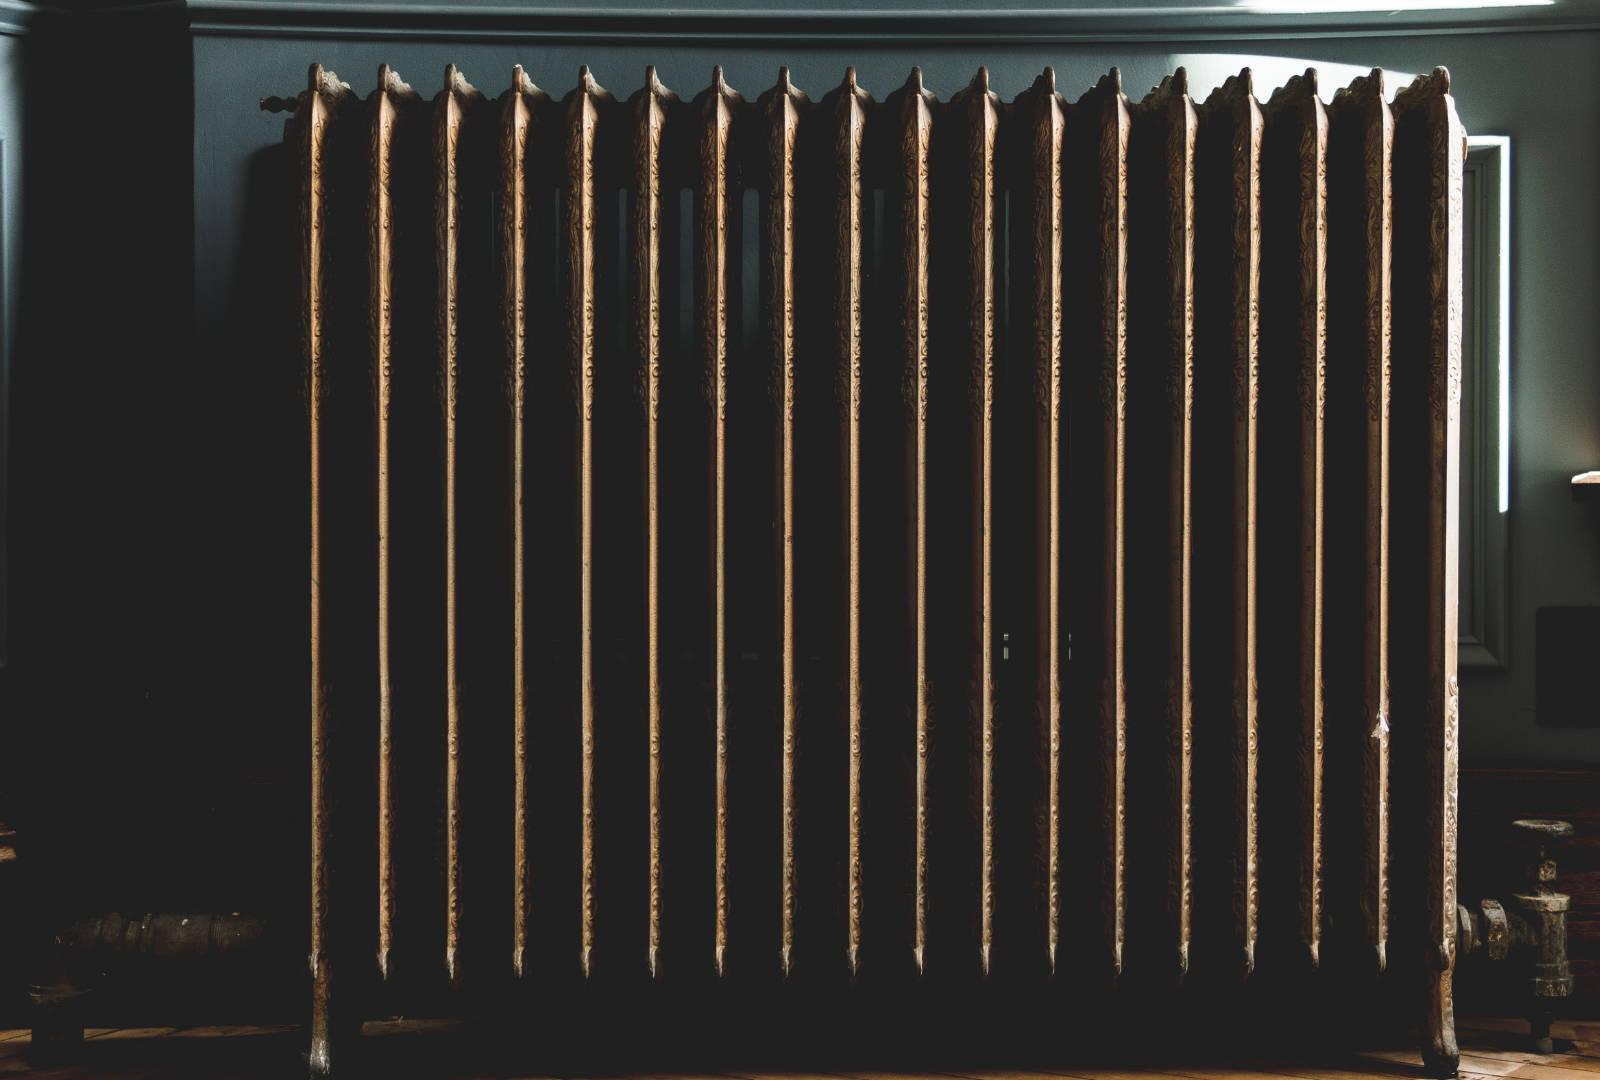 RÉFORME DE L'ORGANISATION DES MARCHÉS DE L'ÉNERGIE À BRUXELLES : DES AVANCÉES CONCRÈTES POUR ACCÉLÉRER UNE TRANSITION JUSTE